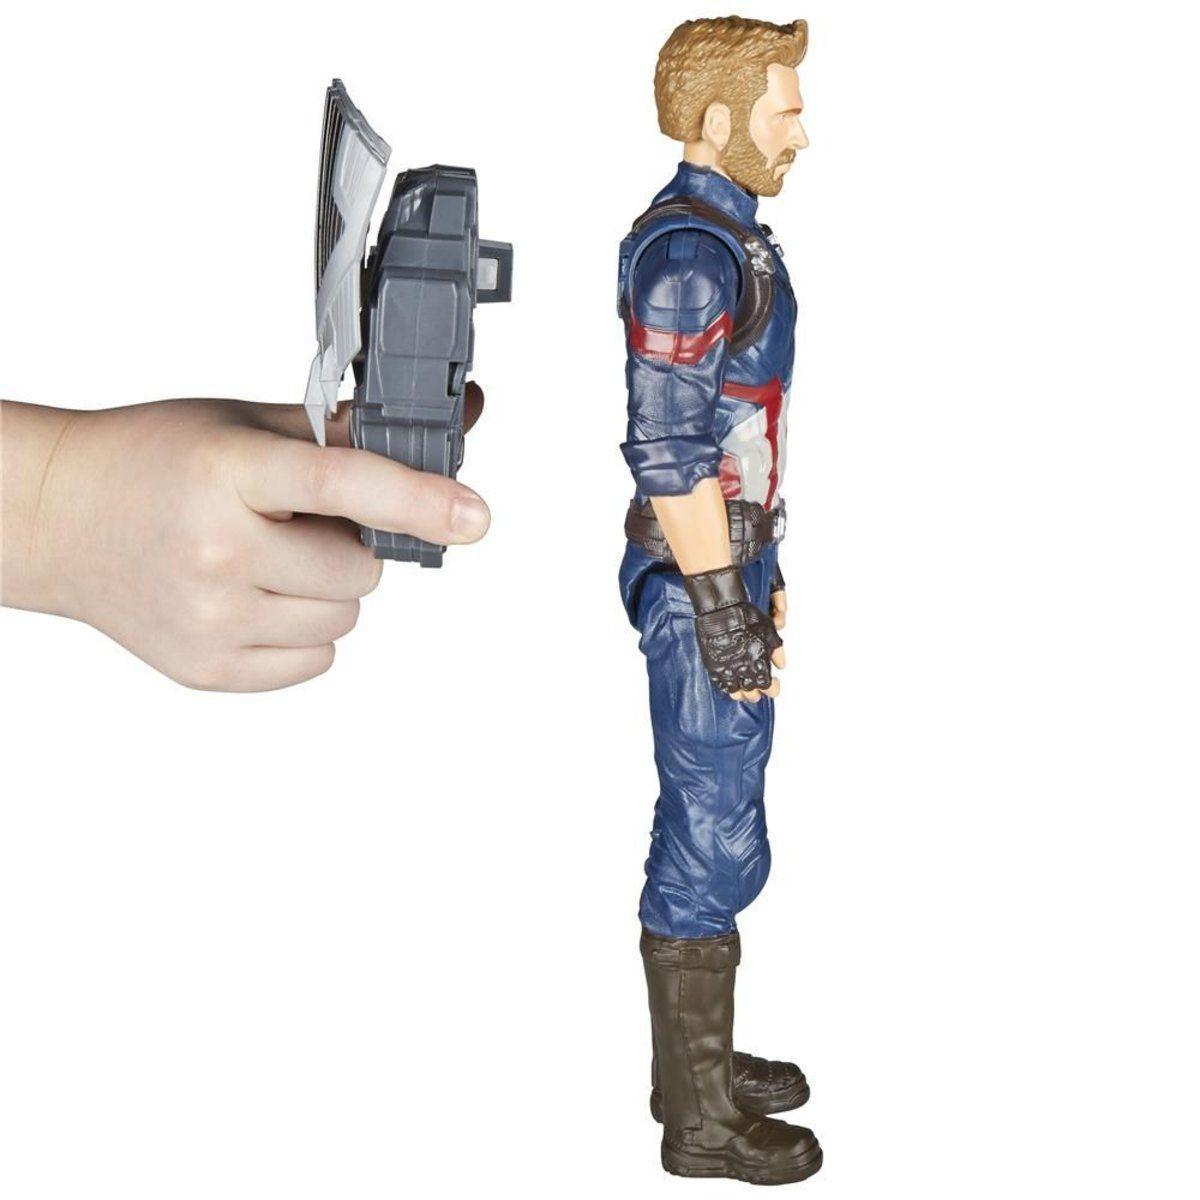 Pack Boneco Capitao America Com Dispositivo Power Fx E0607 + Boneco Homem de Ferro E1410 - Hasbro